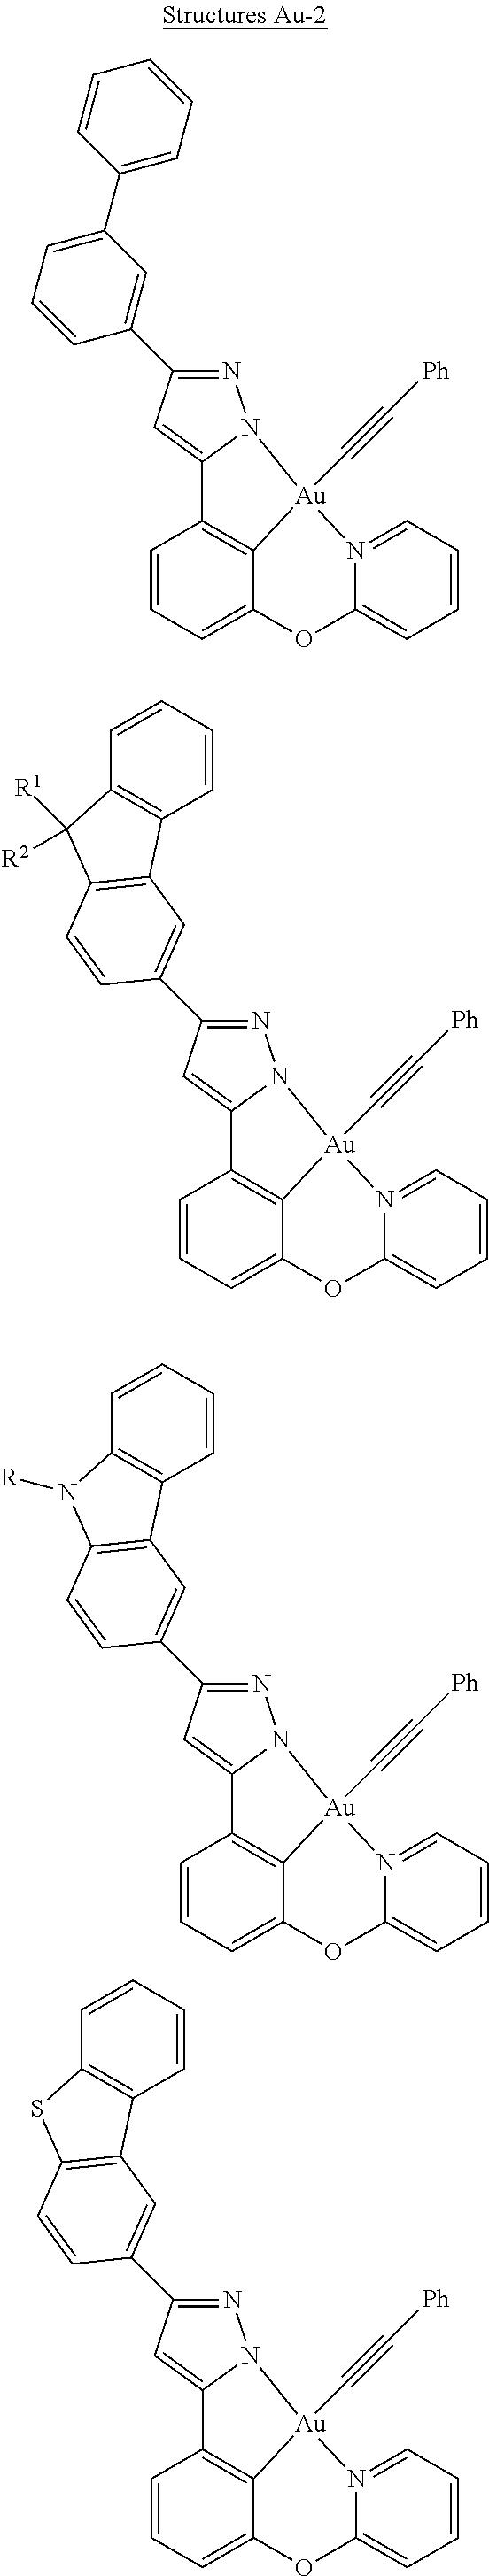 Figure US09818959-20171114-C00221